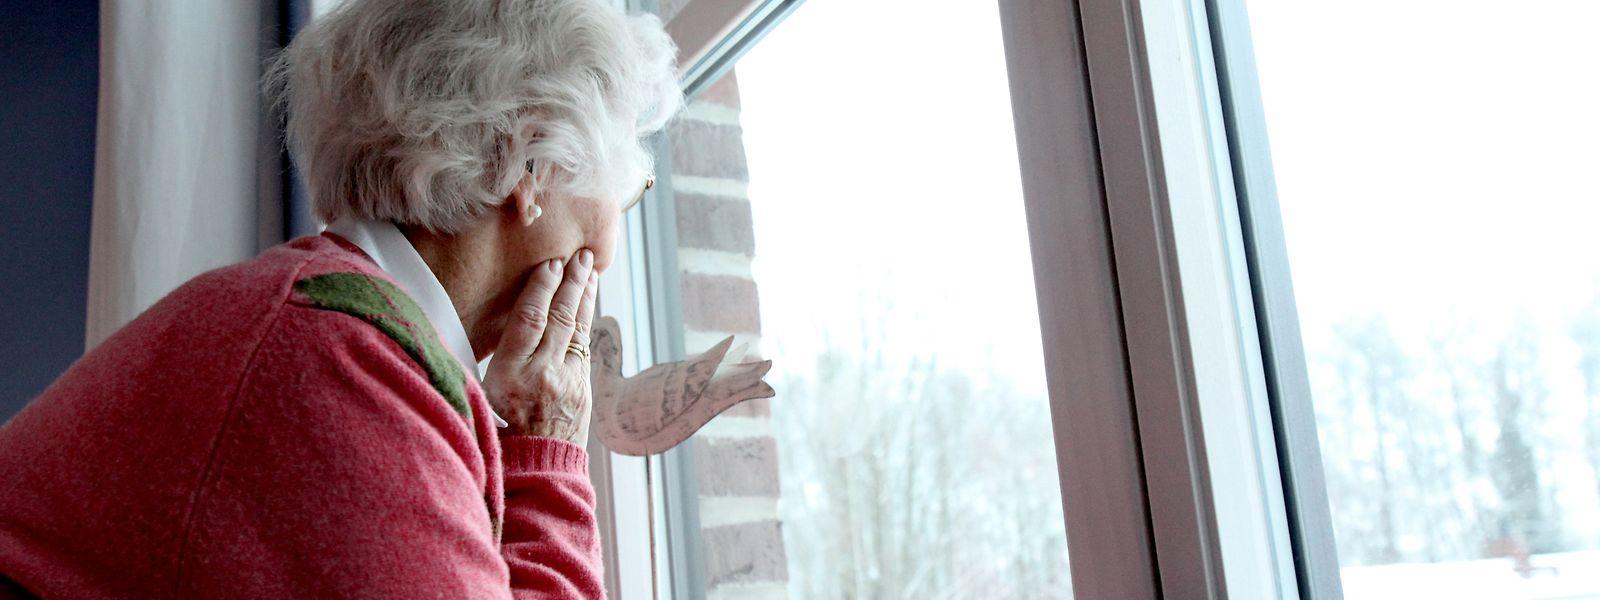 Die Einsamkeit der Senioren, die alleine zu Hause leben, wird politisch nicht thematisiert und angepackt.